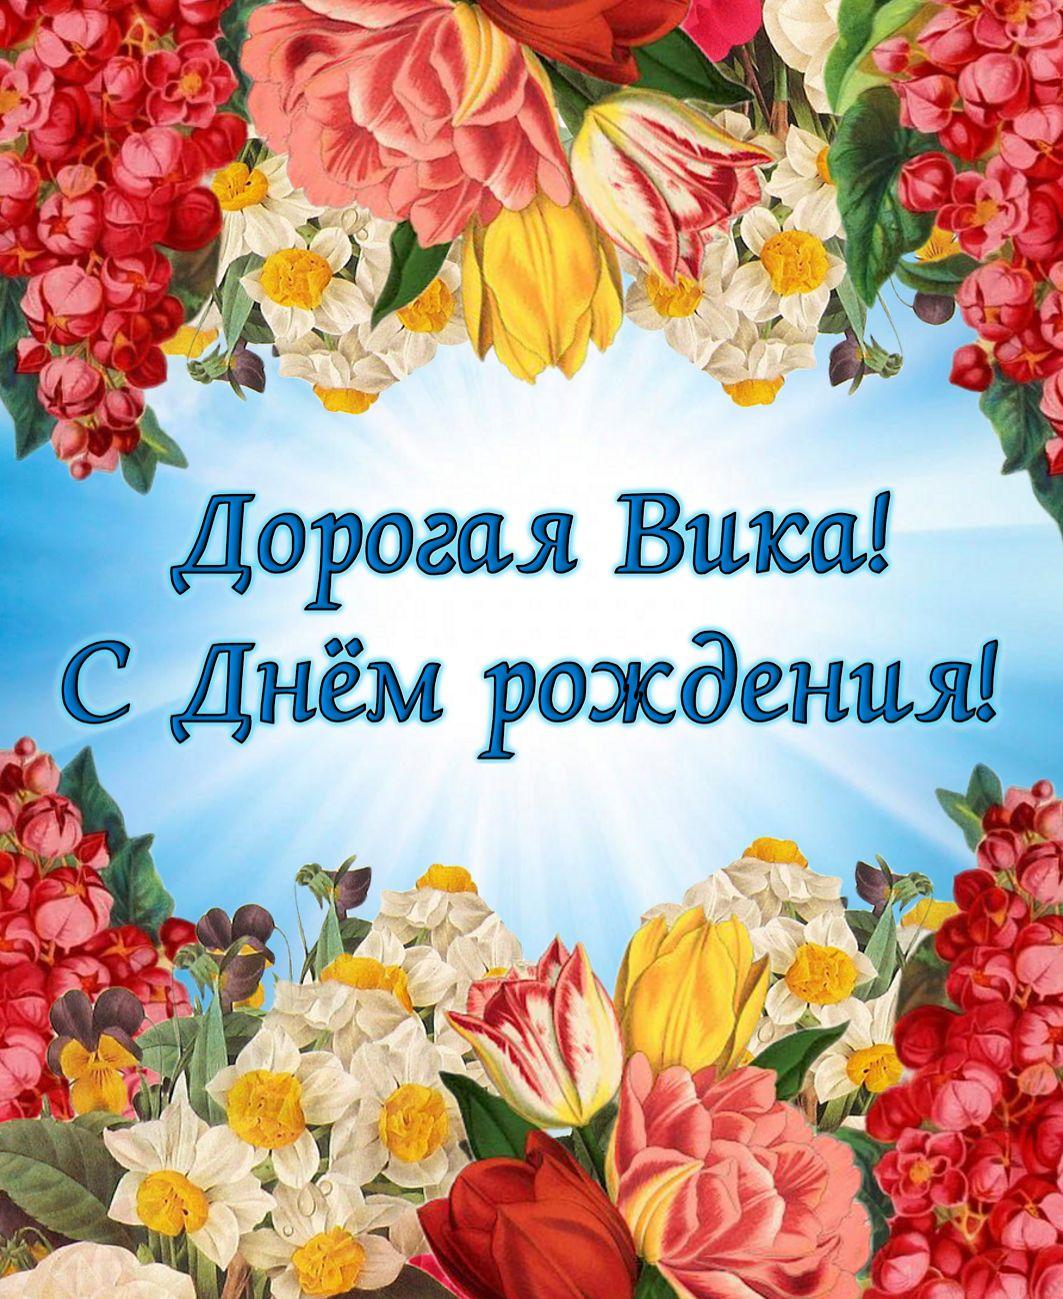 Открытка для Вики в оформлении из цветов на День рождения